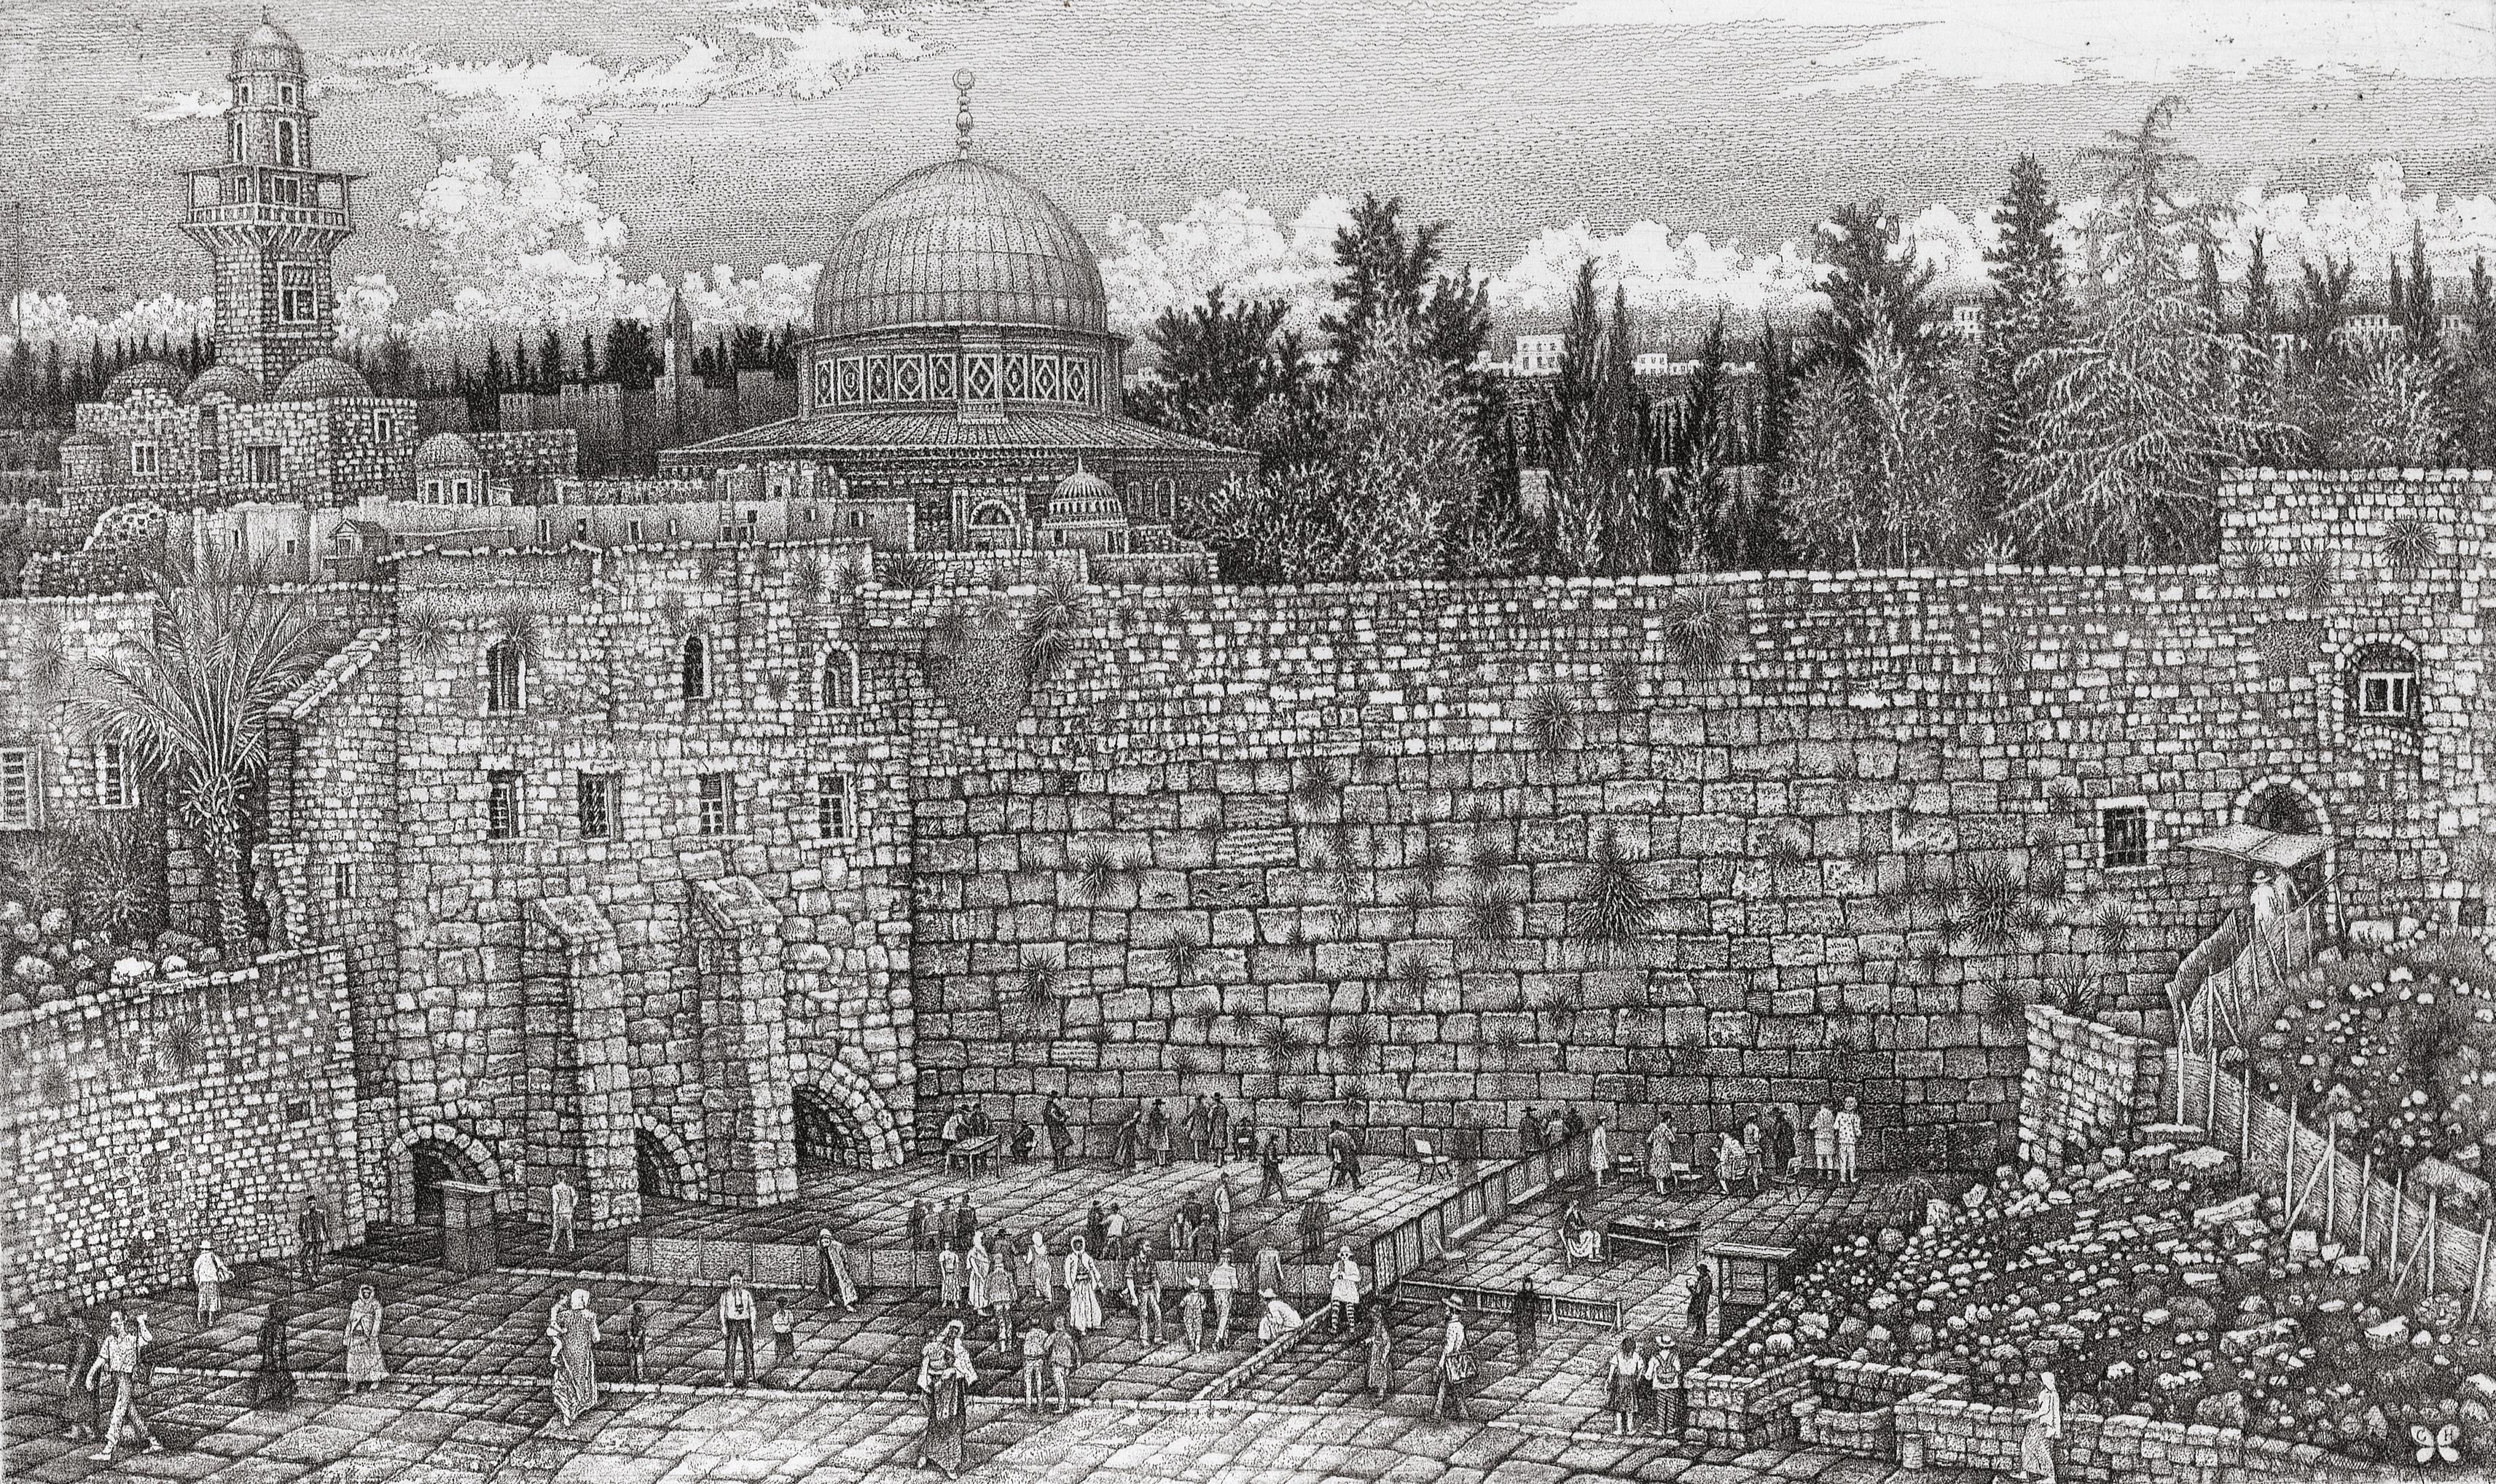 Jerusalem. Wailing Wall